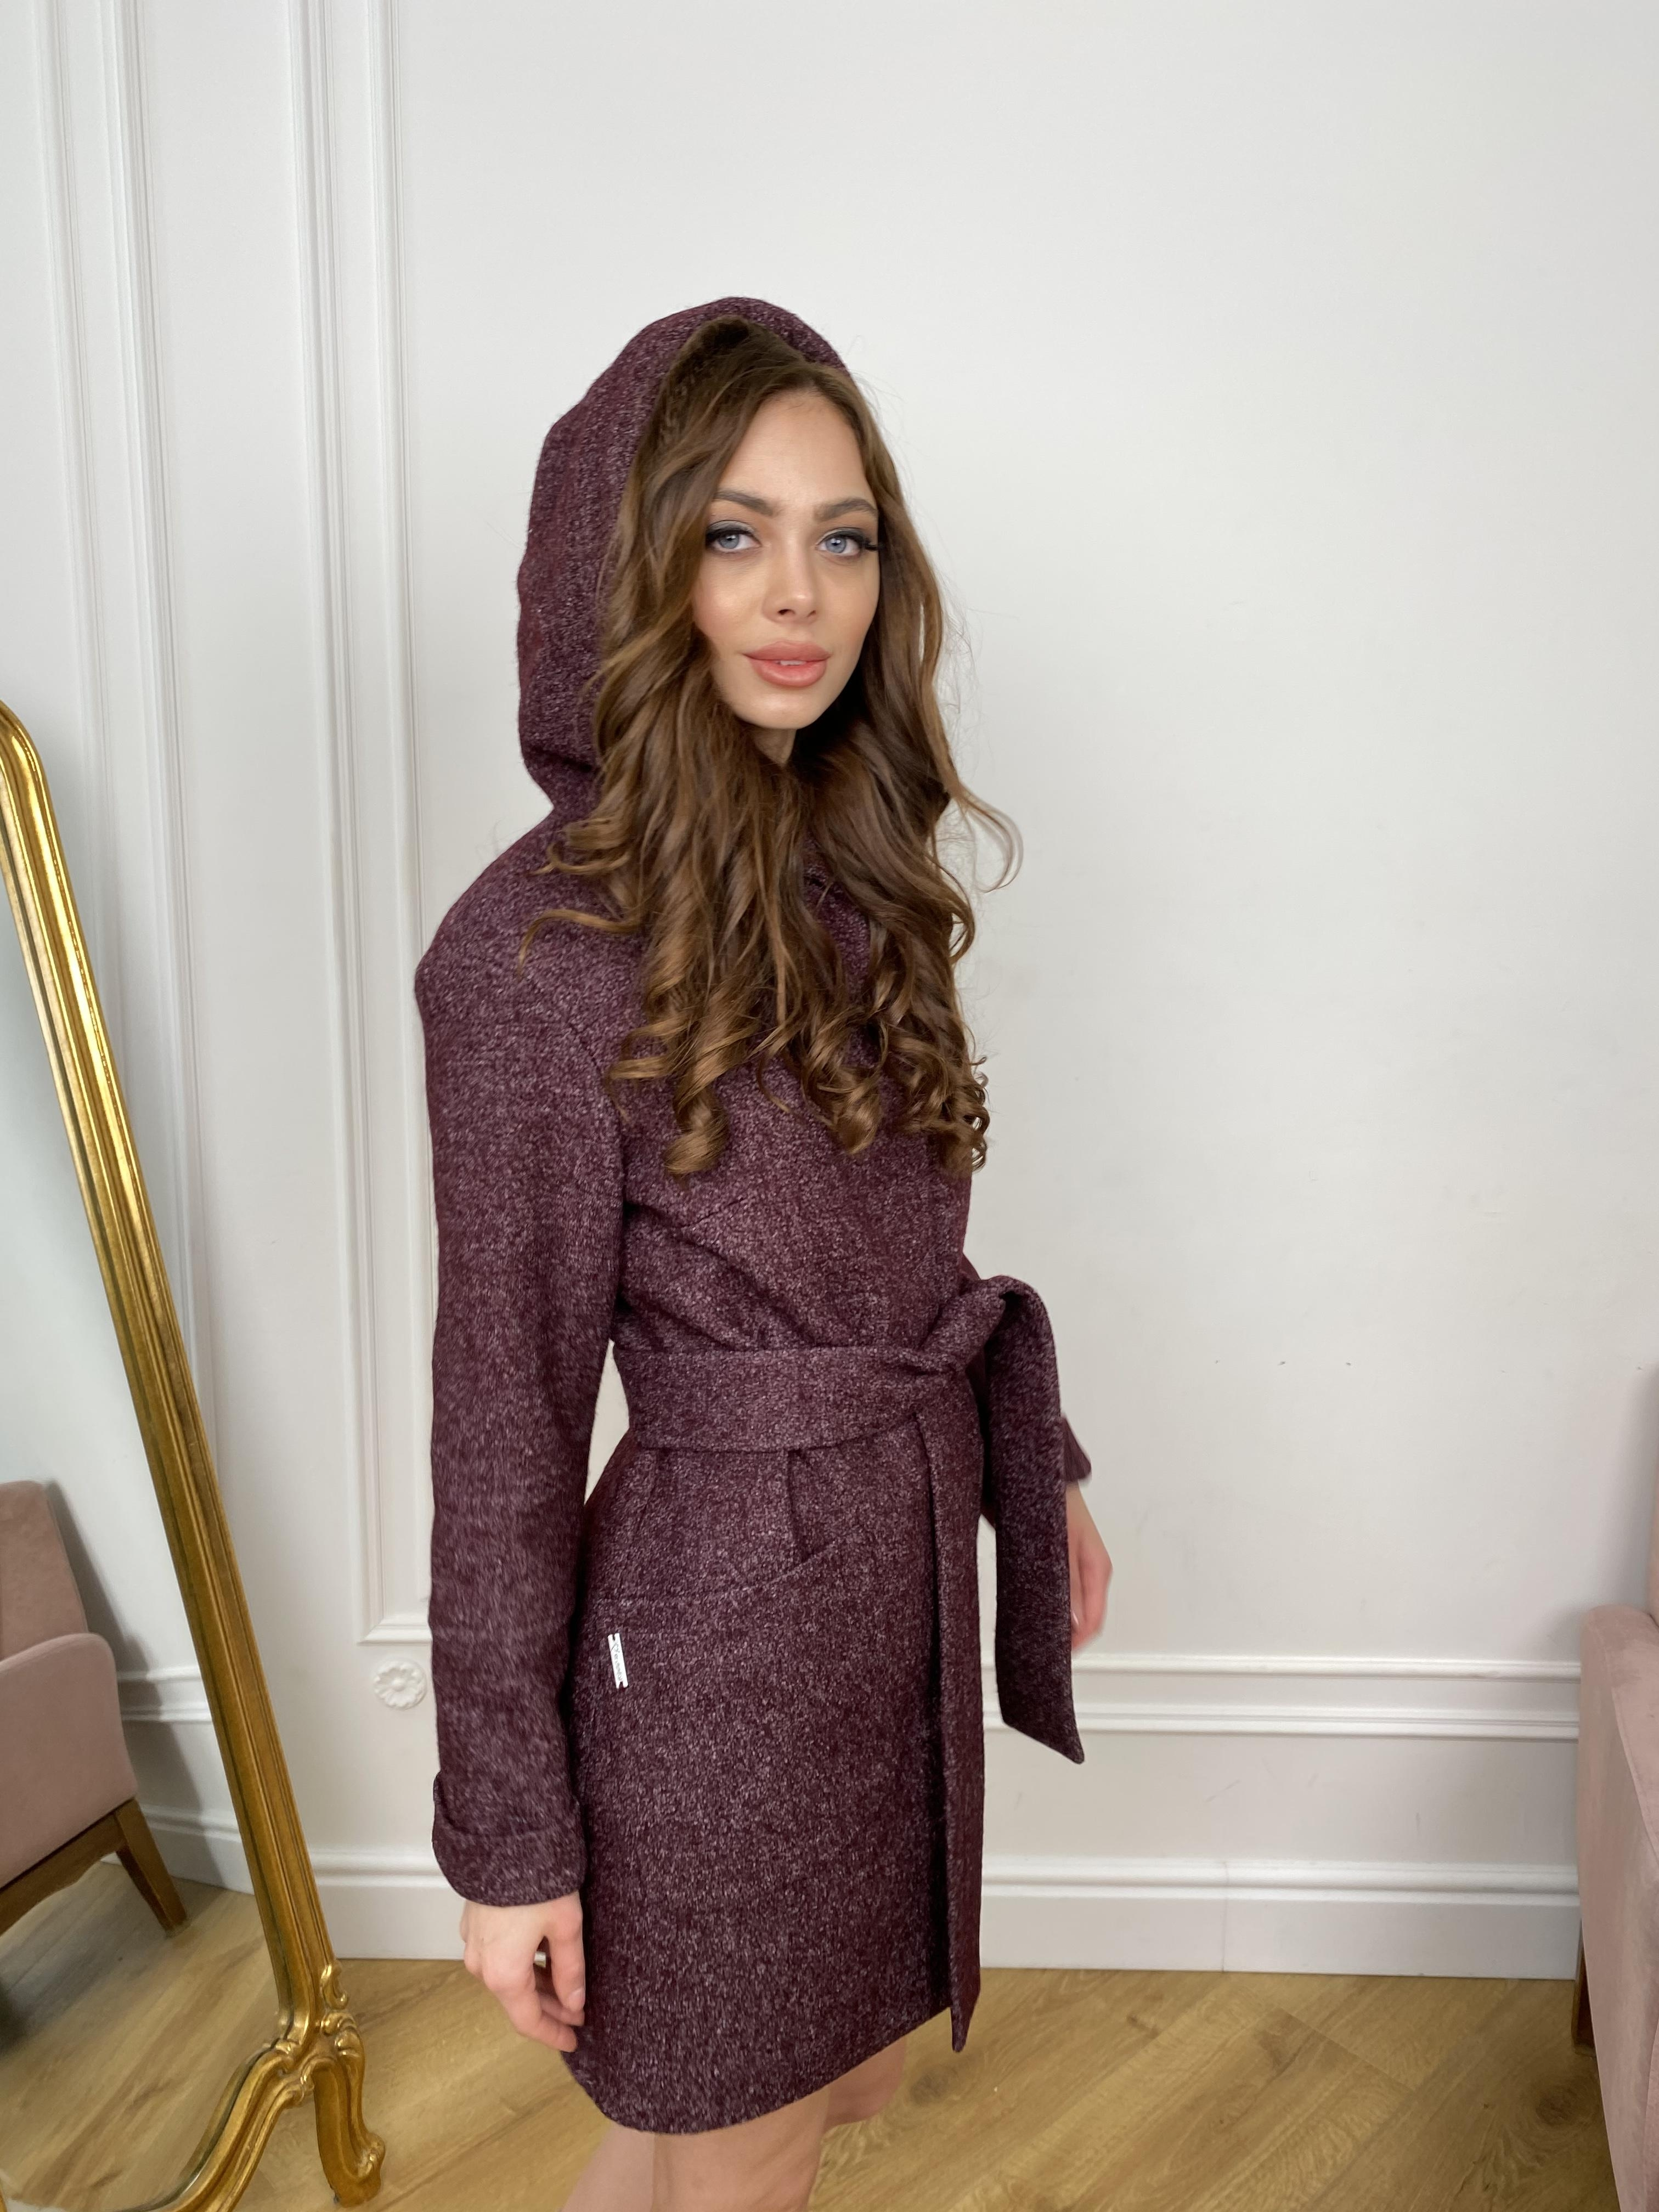 Пальто Анита 9934 АРТ. 46220 Цвет: марсала - фото 3, интернет магазин tm-modus.ru